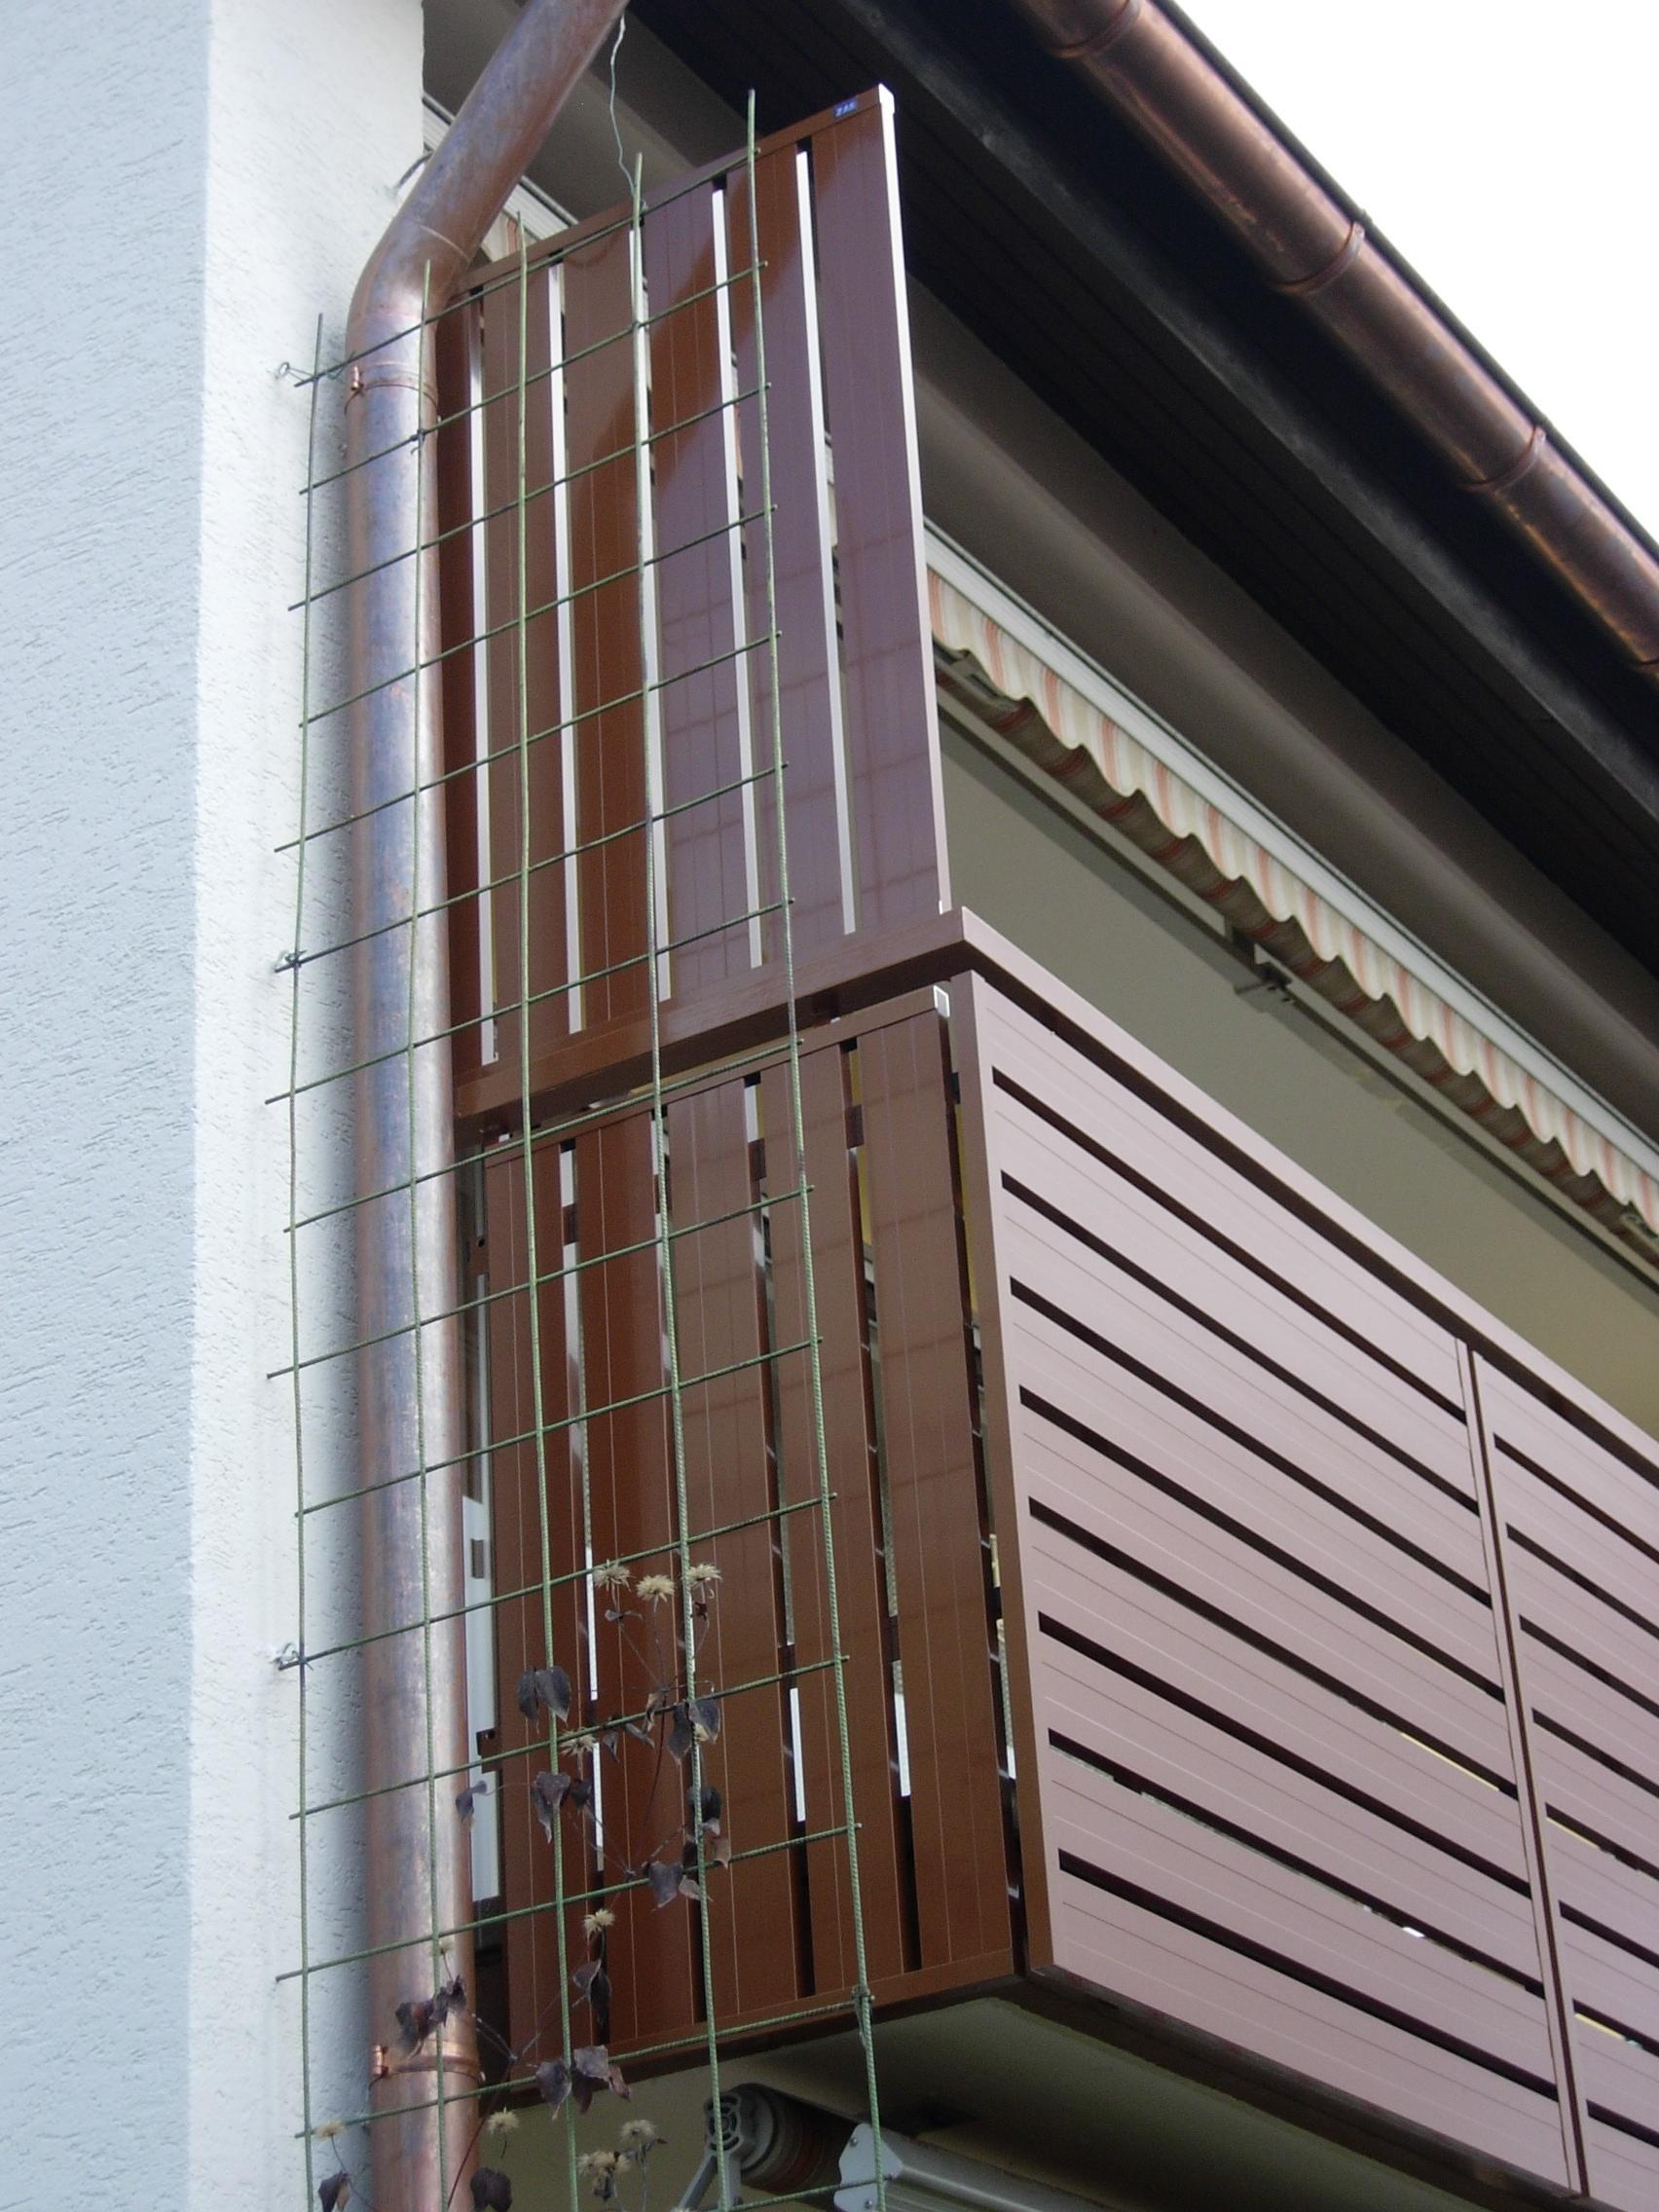 seitliche Balkonverkleidung und Sichtschutz in senkrechter Ausführung